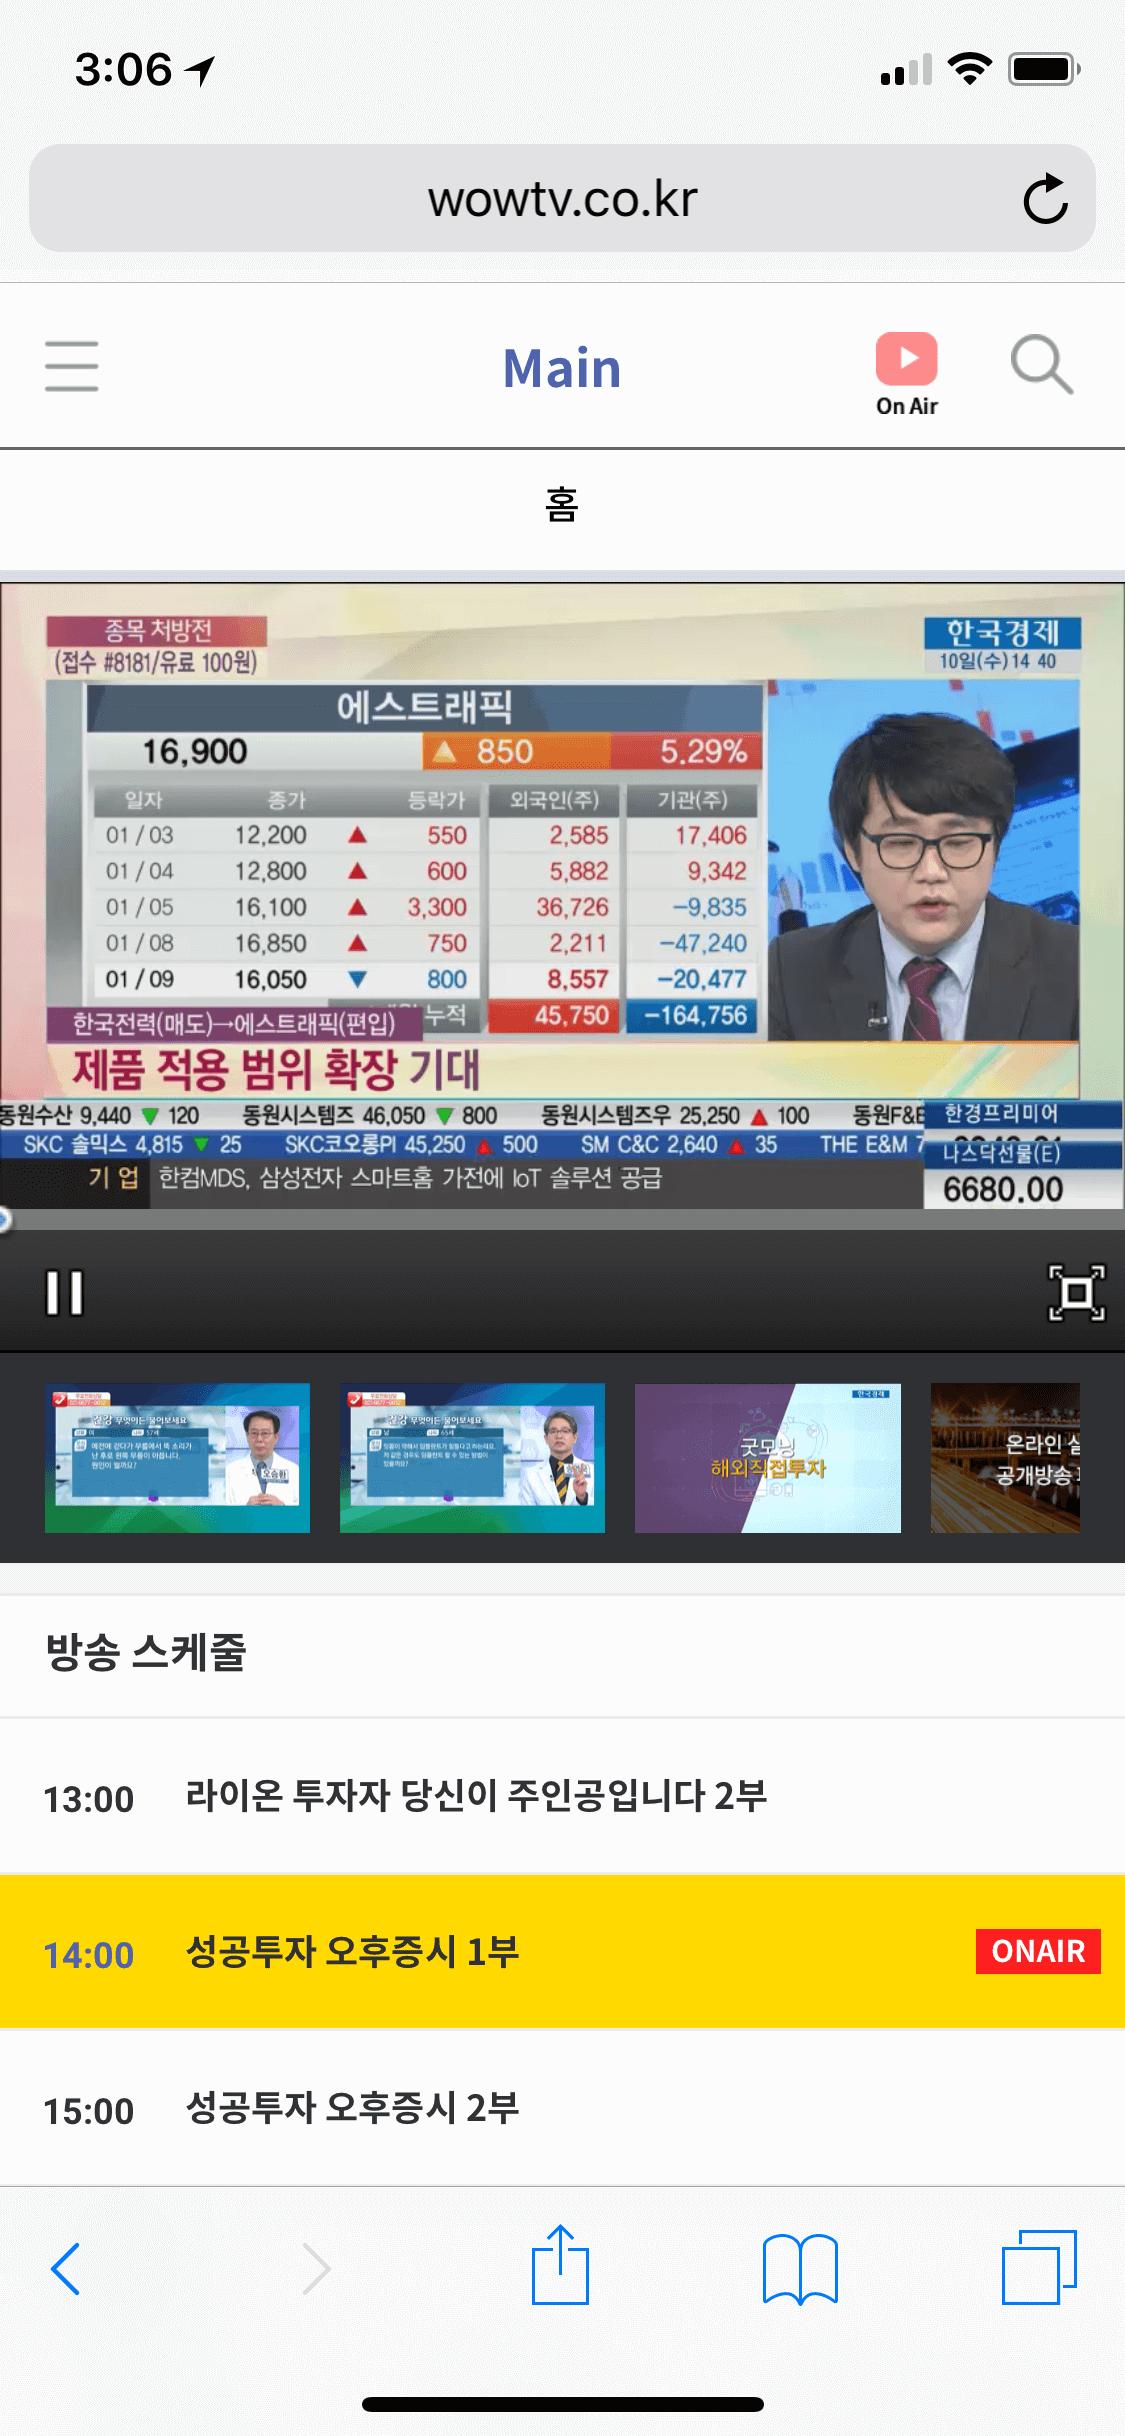 한국경제TV 홈페이지 접속 설명을 돕기 위한 예시